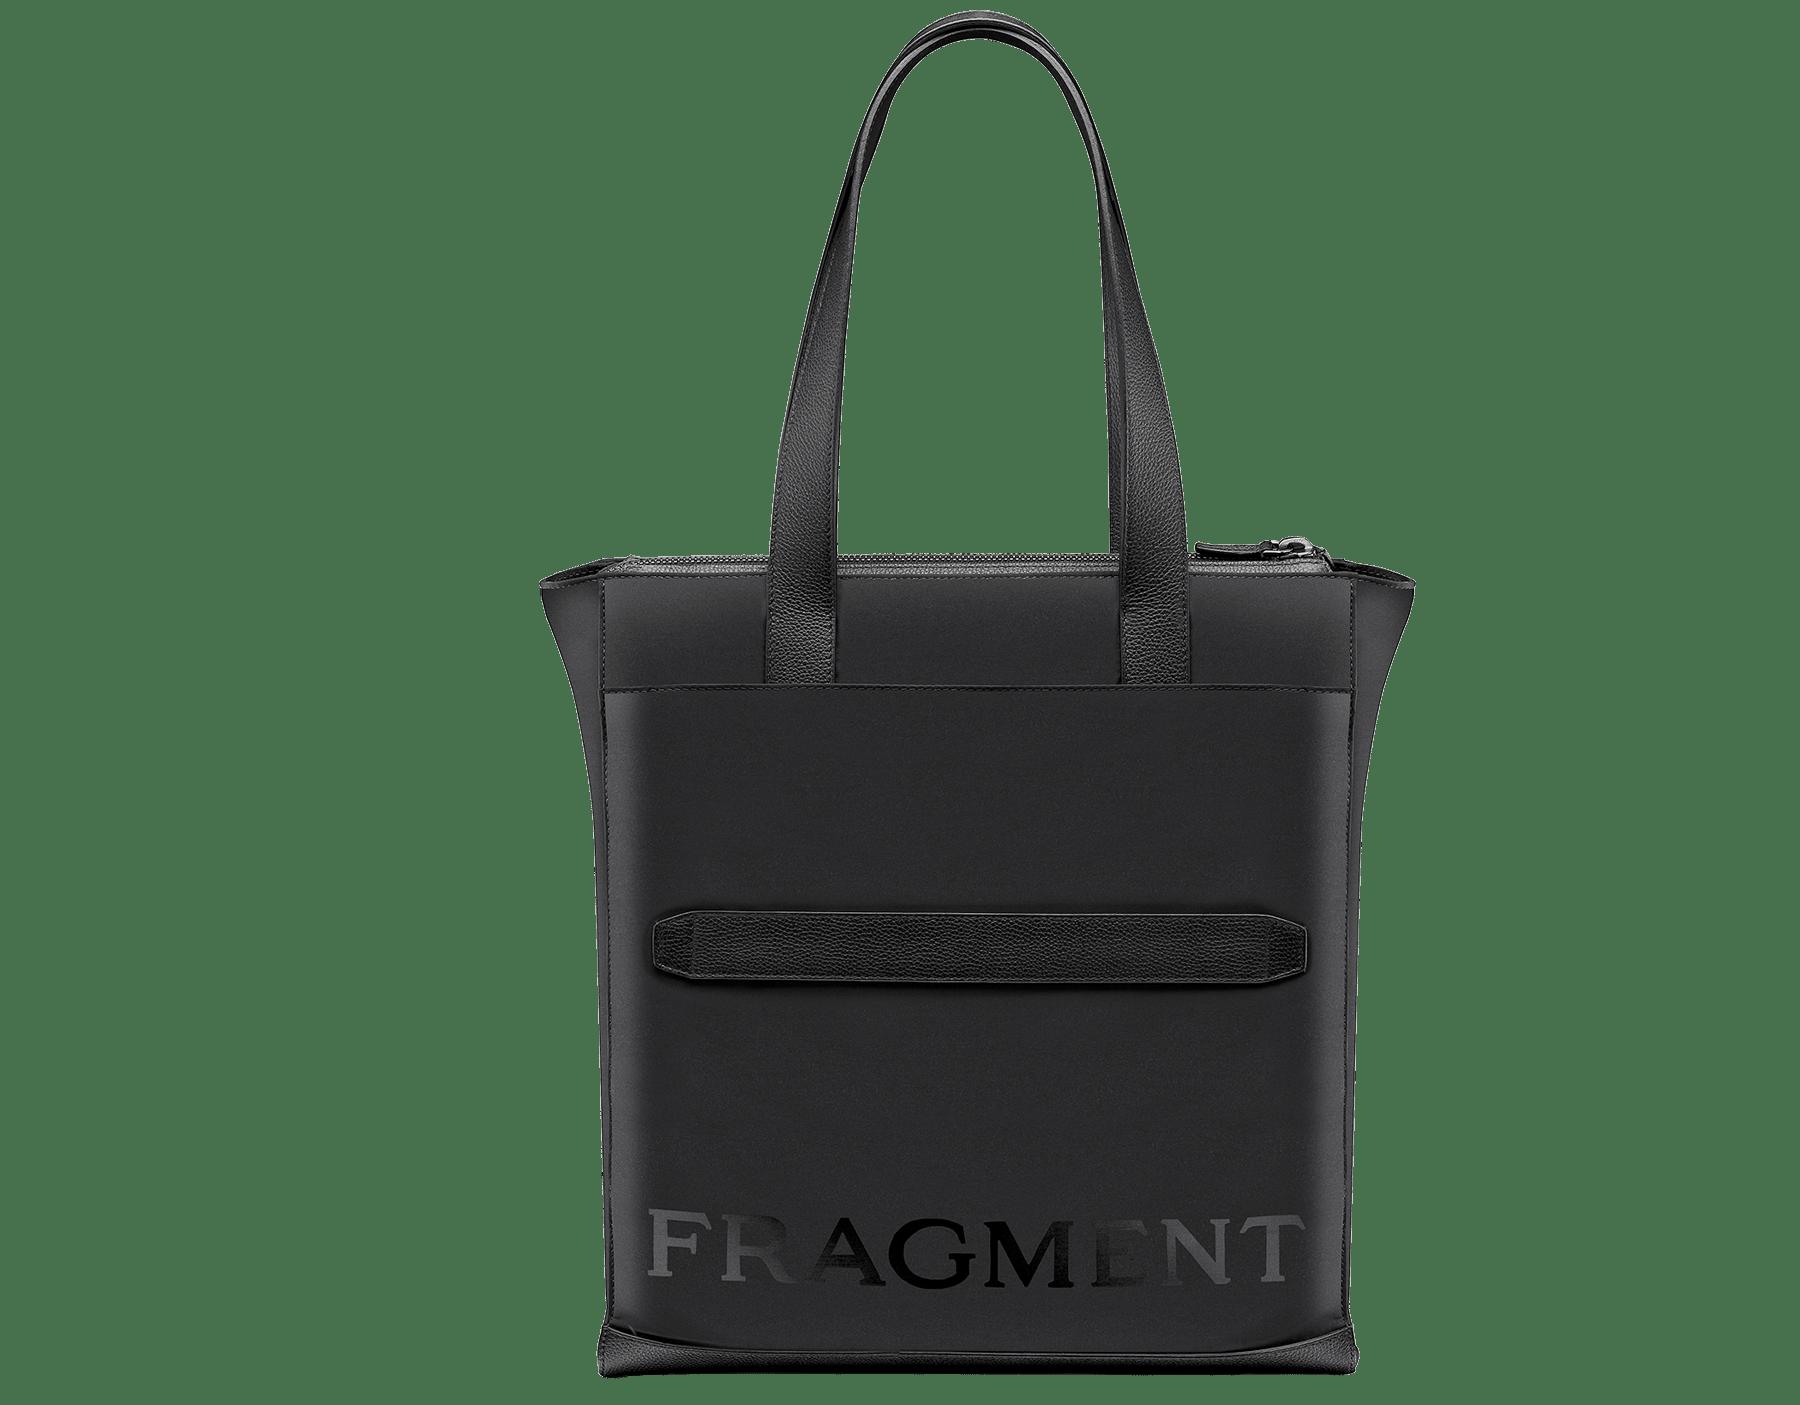 ウルトラブラックルテニウムプレートブラス製金具、「BVLGARI」と「FRAGMENT」のブラックロゴプリントが付いたブラックパフィ―ナイロン製「FRAGMENT X BVLGARI by Hiroshi Fujiwara」縦長トートバッグ。 290730 image 3